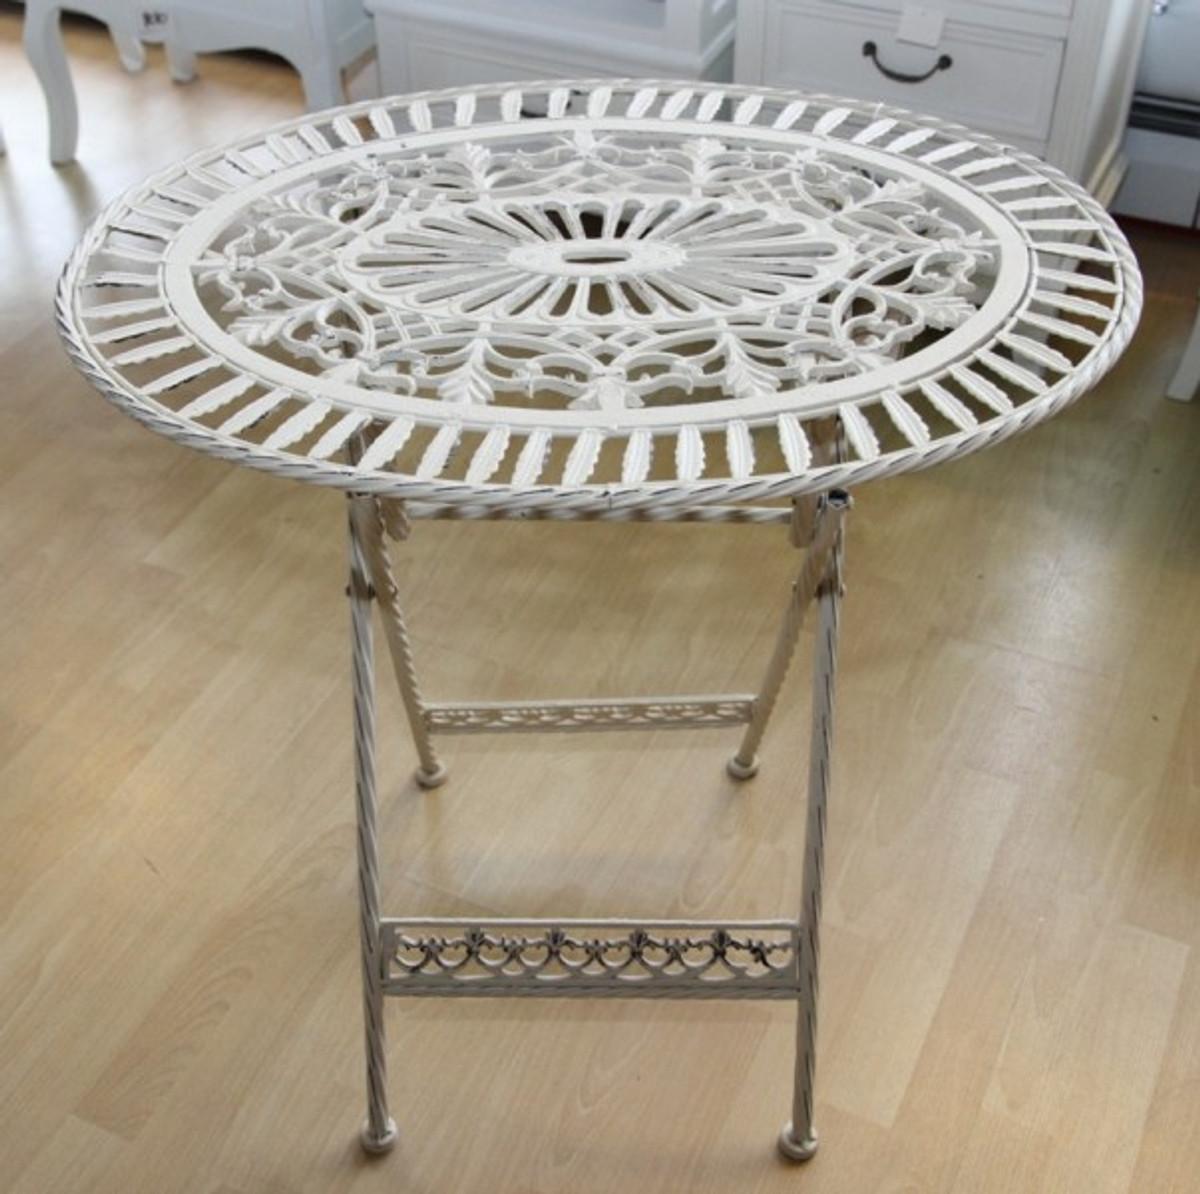 Gartentisch klappbar oval  Jugendstil Gartenmöbel Tisch Altweiss Oval - Garten Tisch Klappbar ...